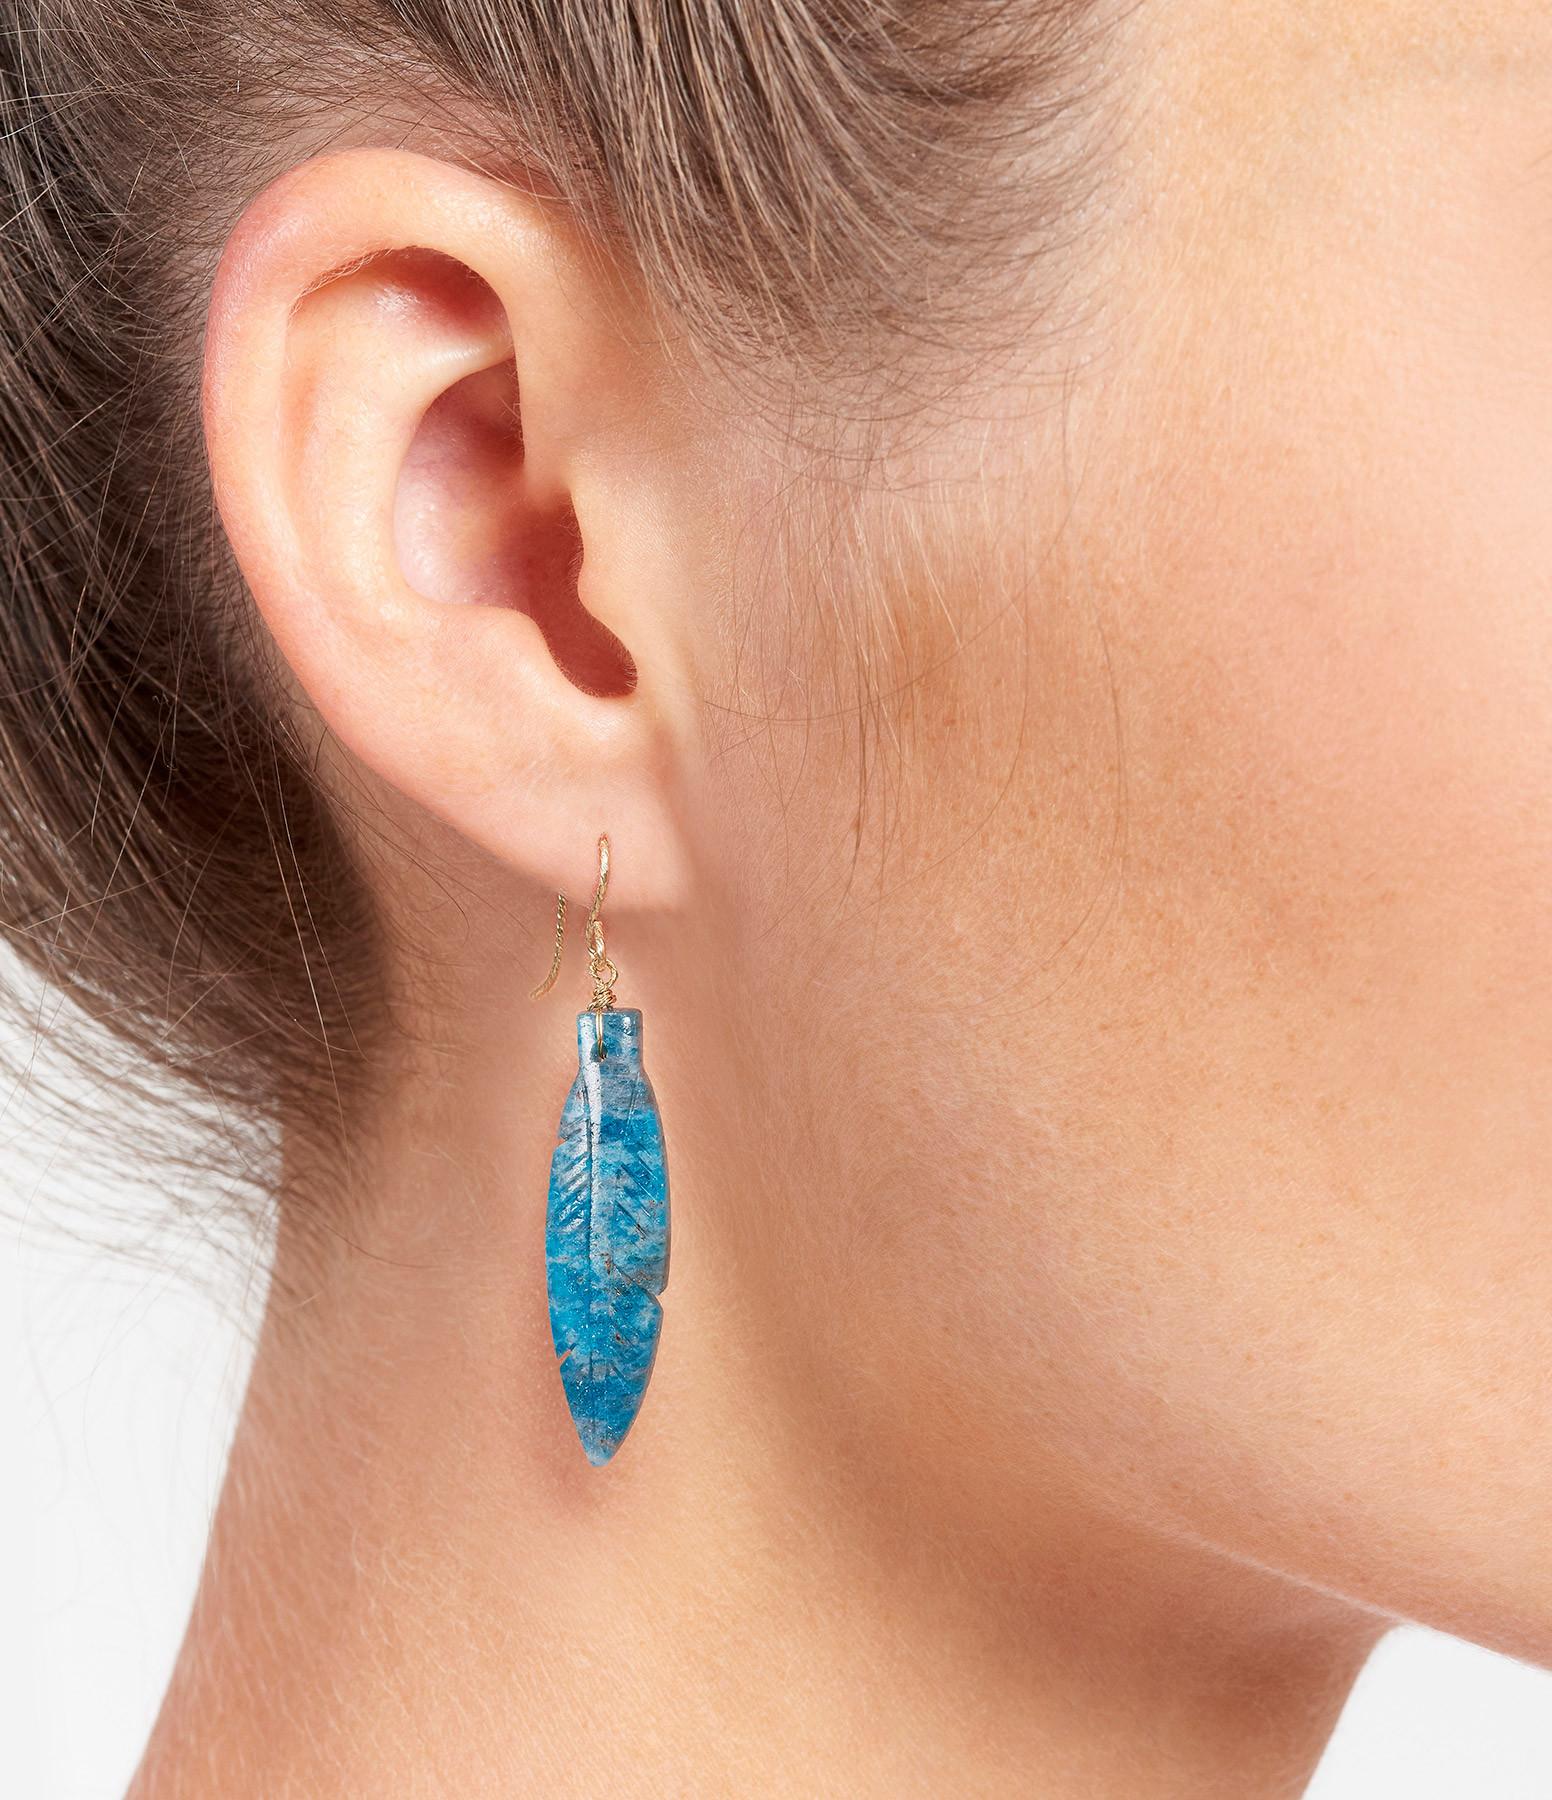 MON PRECIEUX GEM - Boucle d'oreille Plume Apatite (vendue à l'unité)